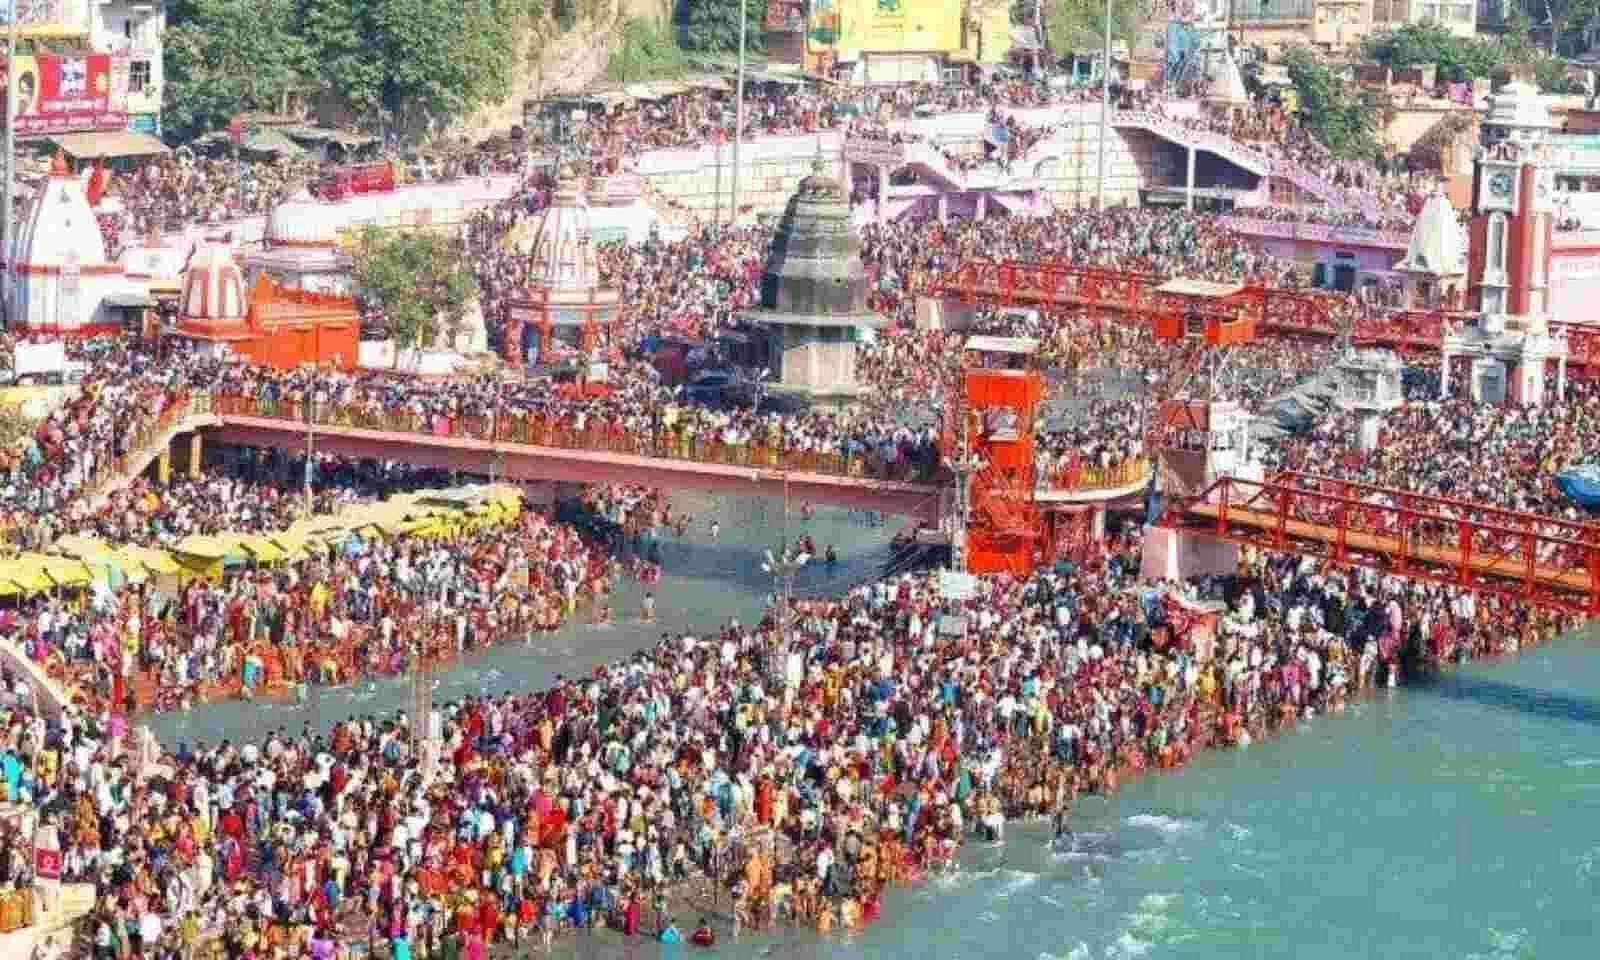 शाही स्नान में लाखों लोगों ने गंगा में लगाई डुबकी